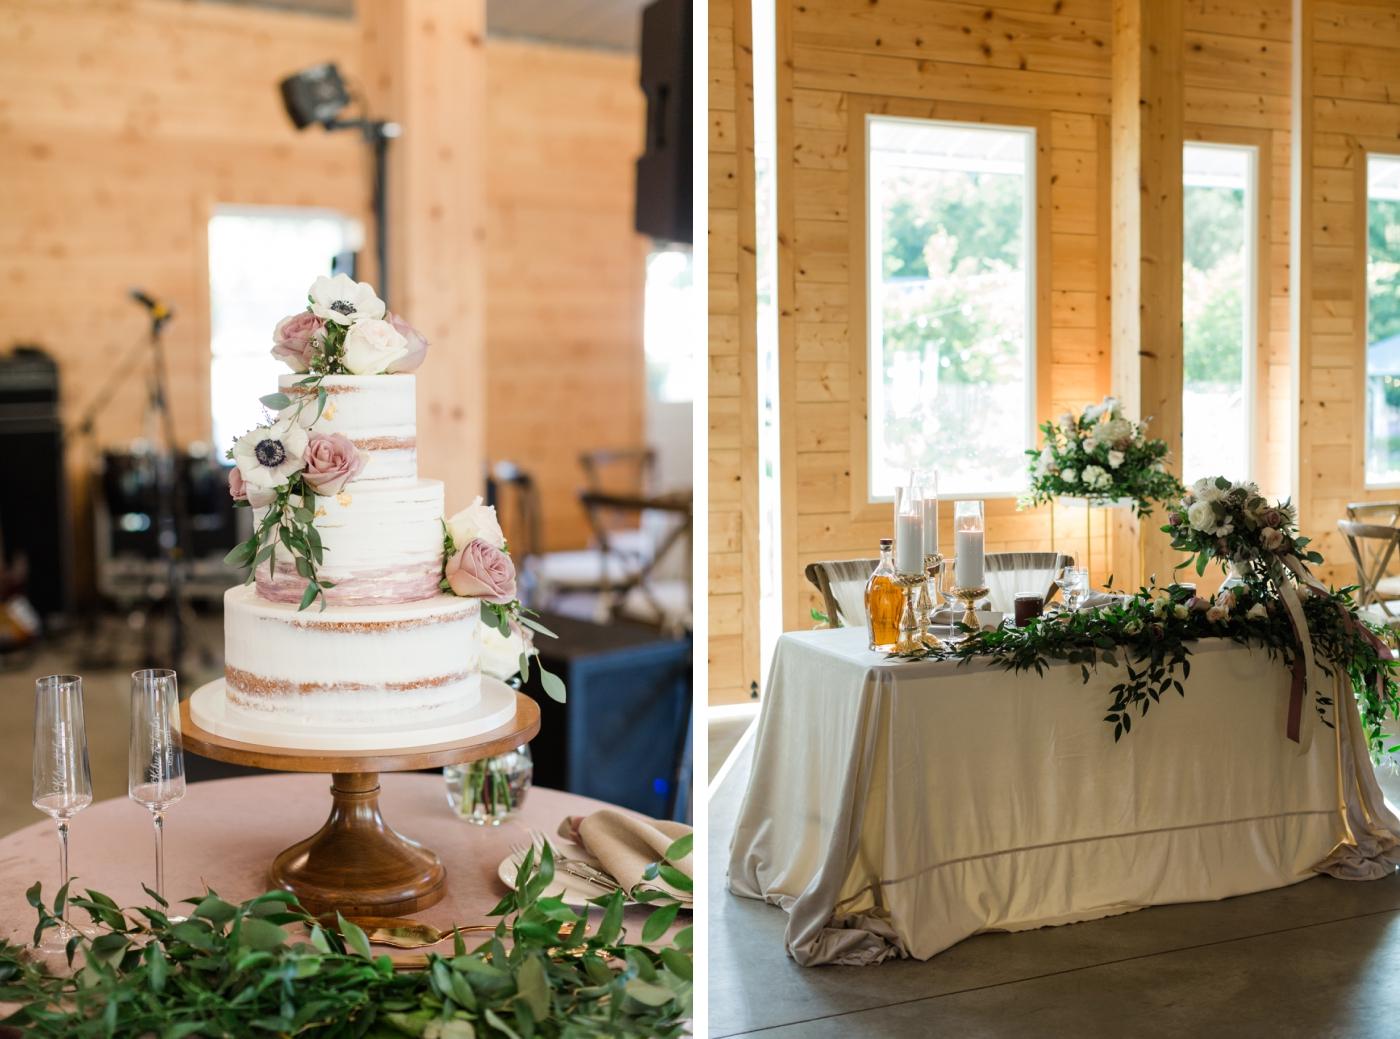 wedding cake by Ashley Cakes